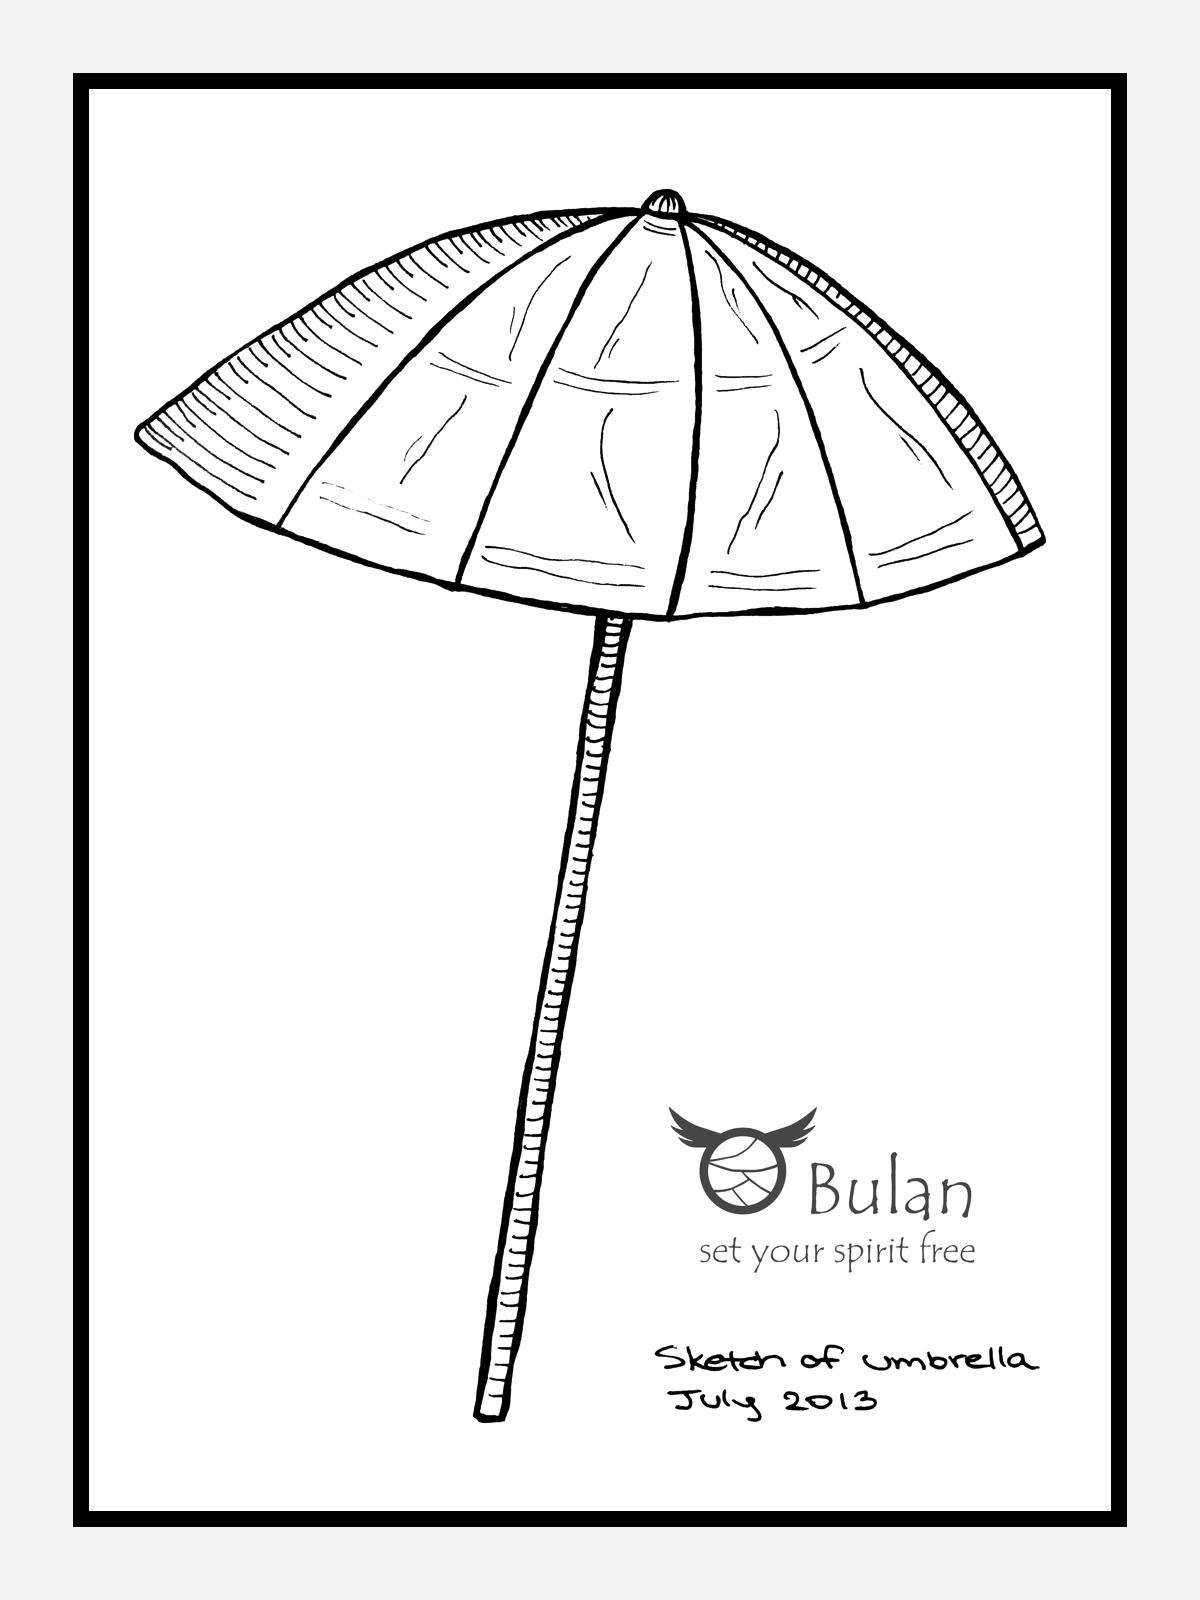 Beach chair and umbrella sketch - Beach Chair And Umbrella Sketch 56